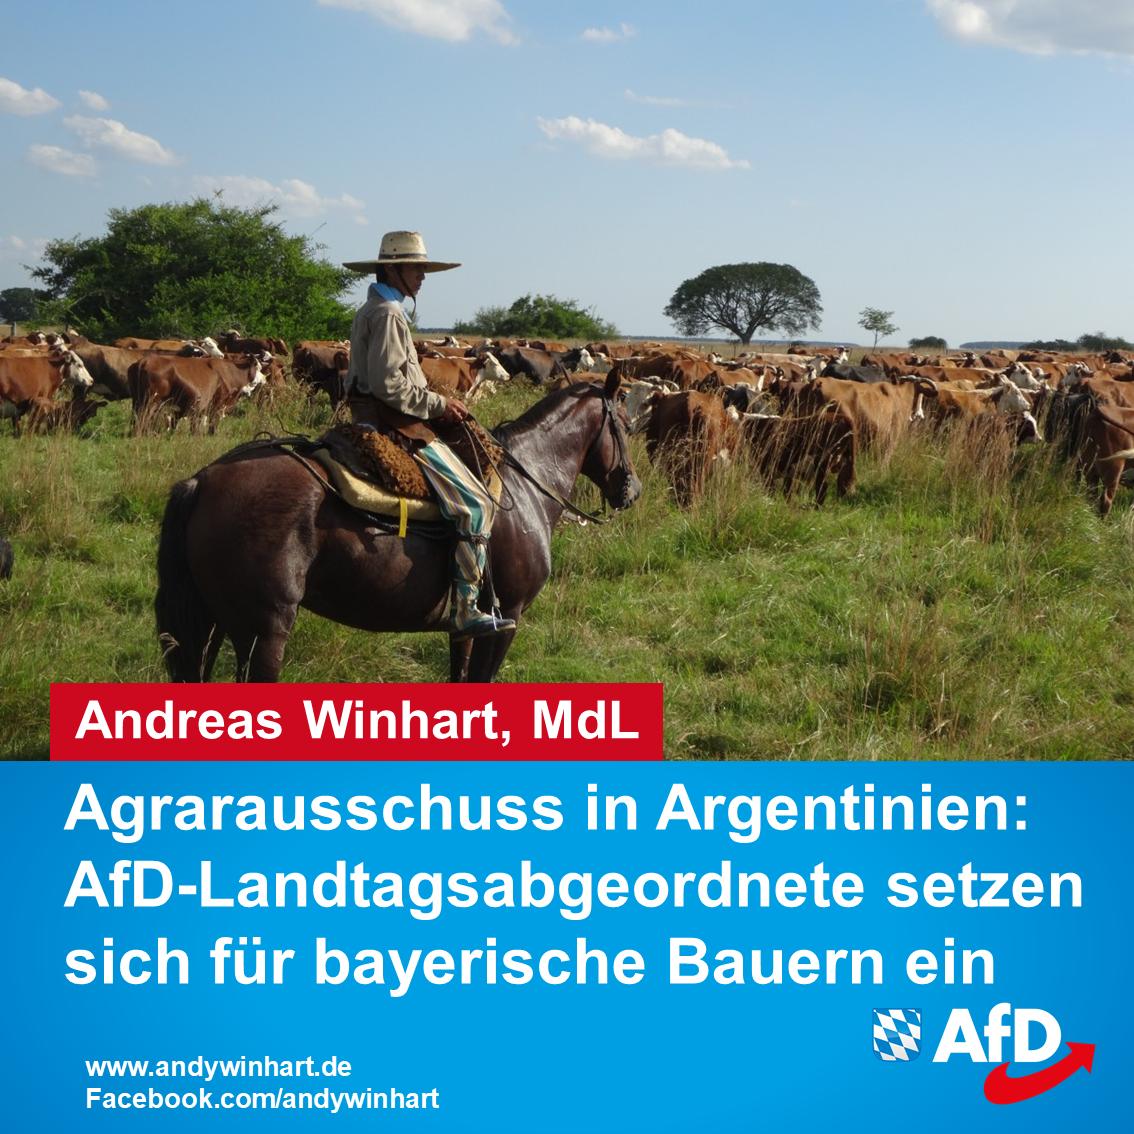 Agrarausschuss in Argentinien: AfD-Landtagsabgeordnete setzen sich für bayerische Bauern ein